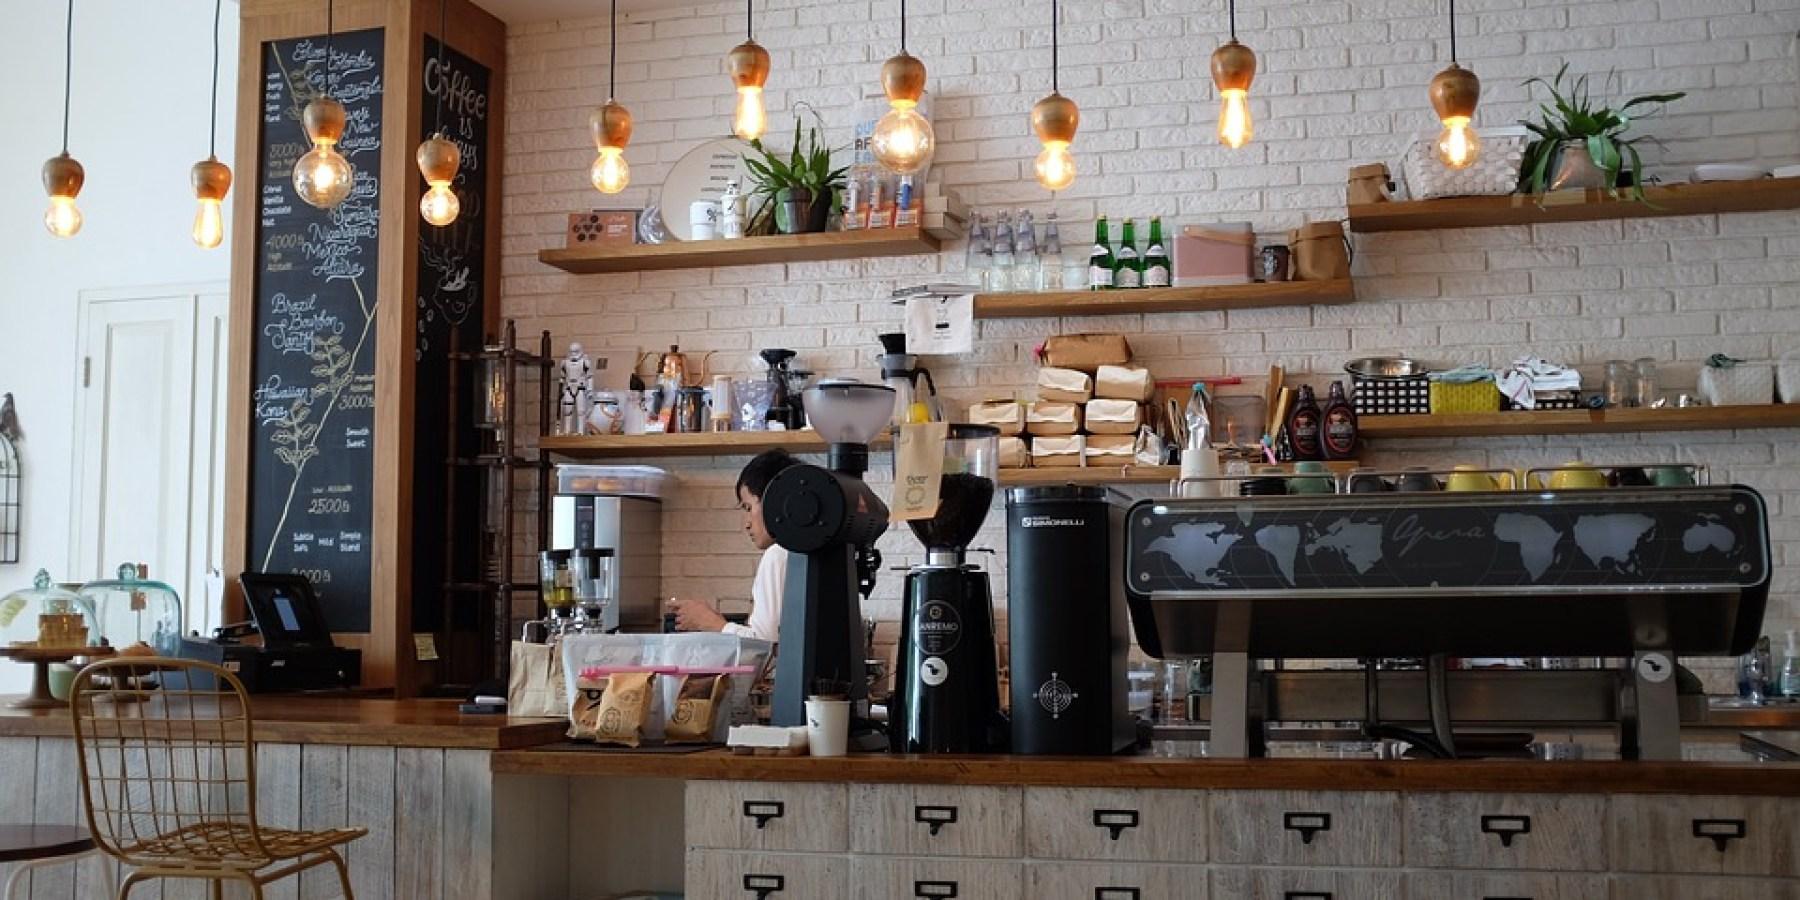 Einbruch in ein Café am Germania Campus